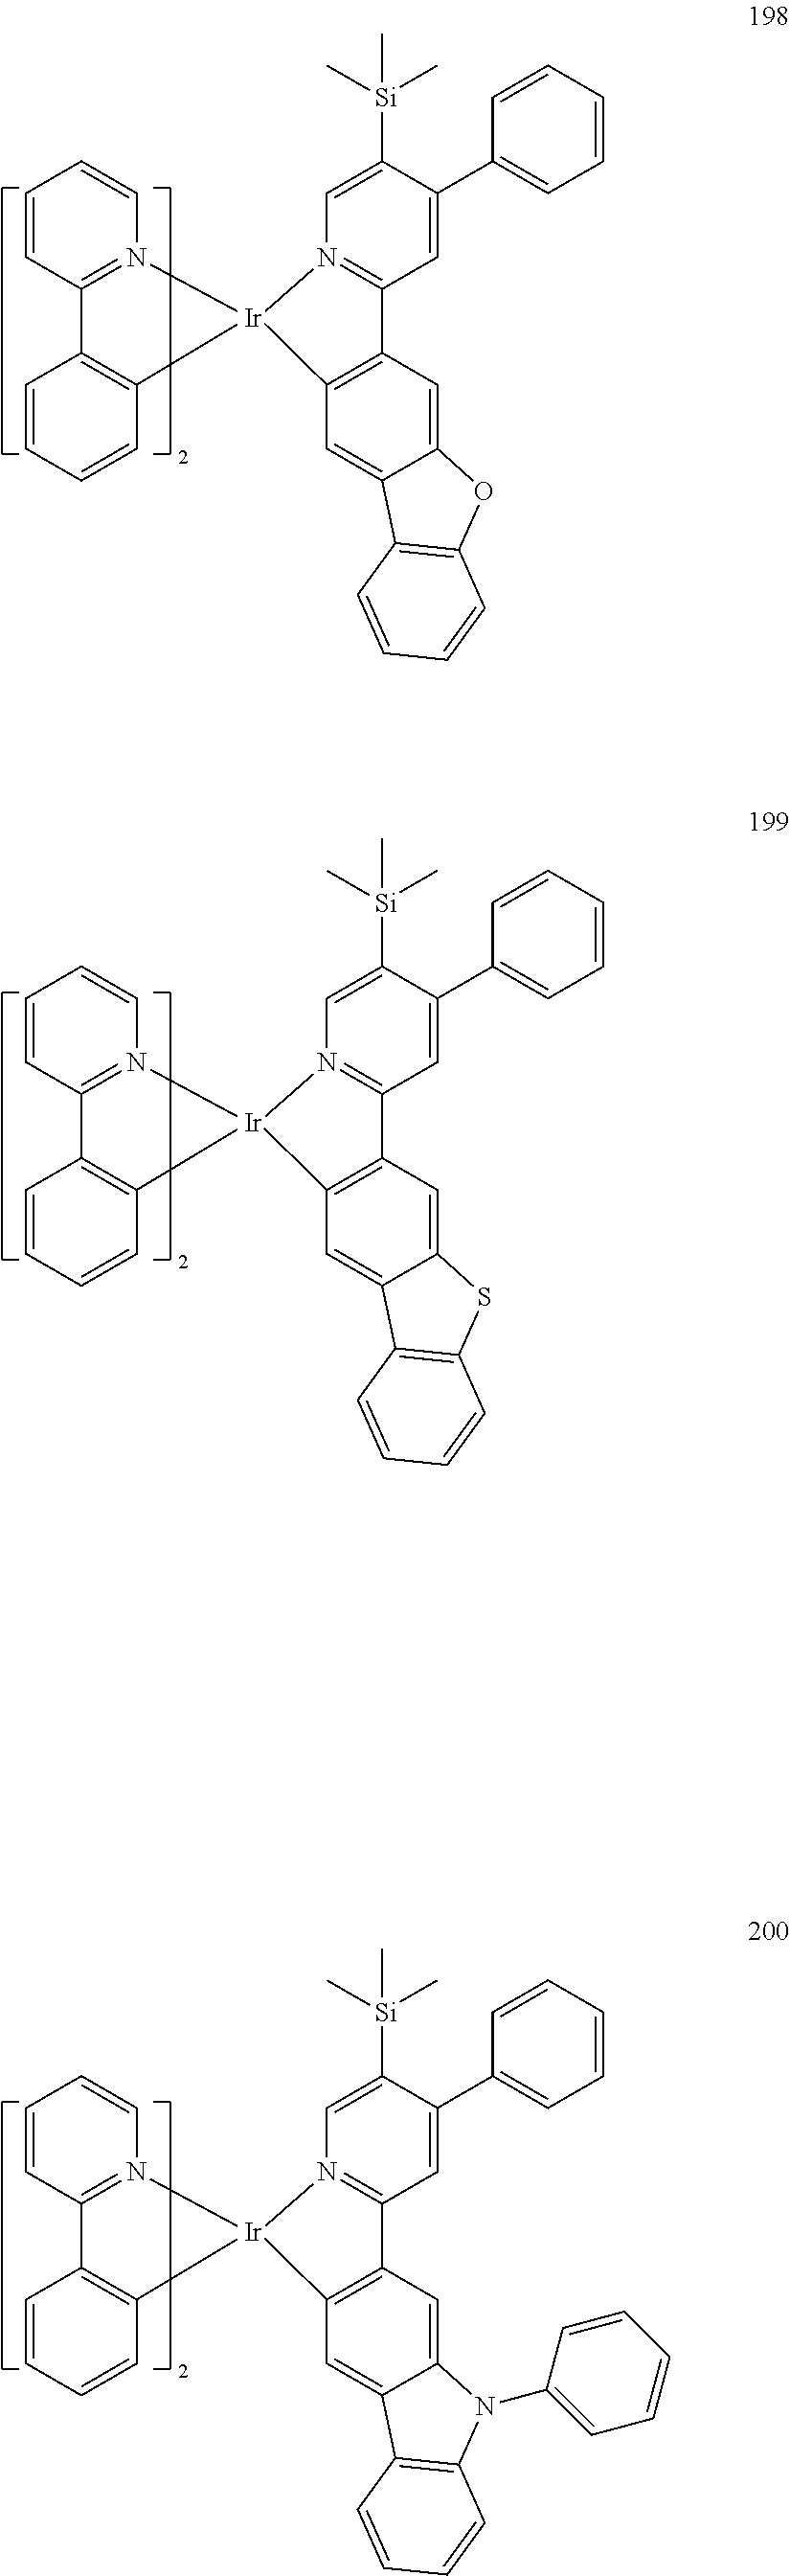 Figure US20160155962A1-20160602-C00120